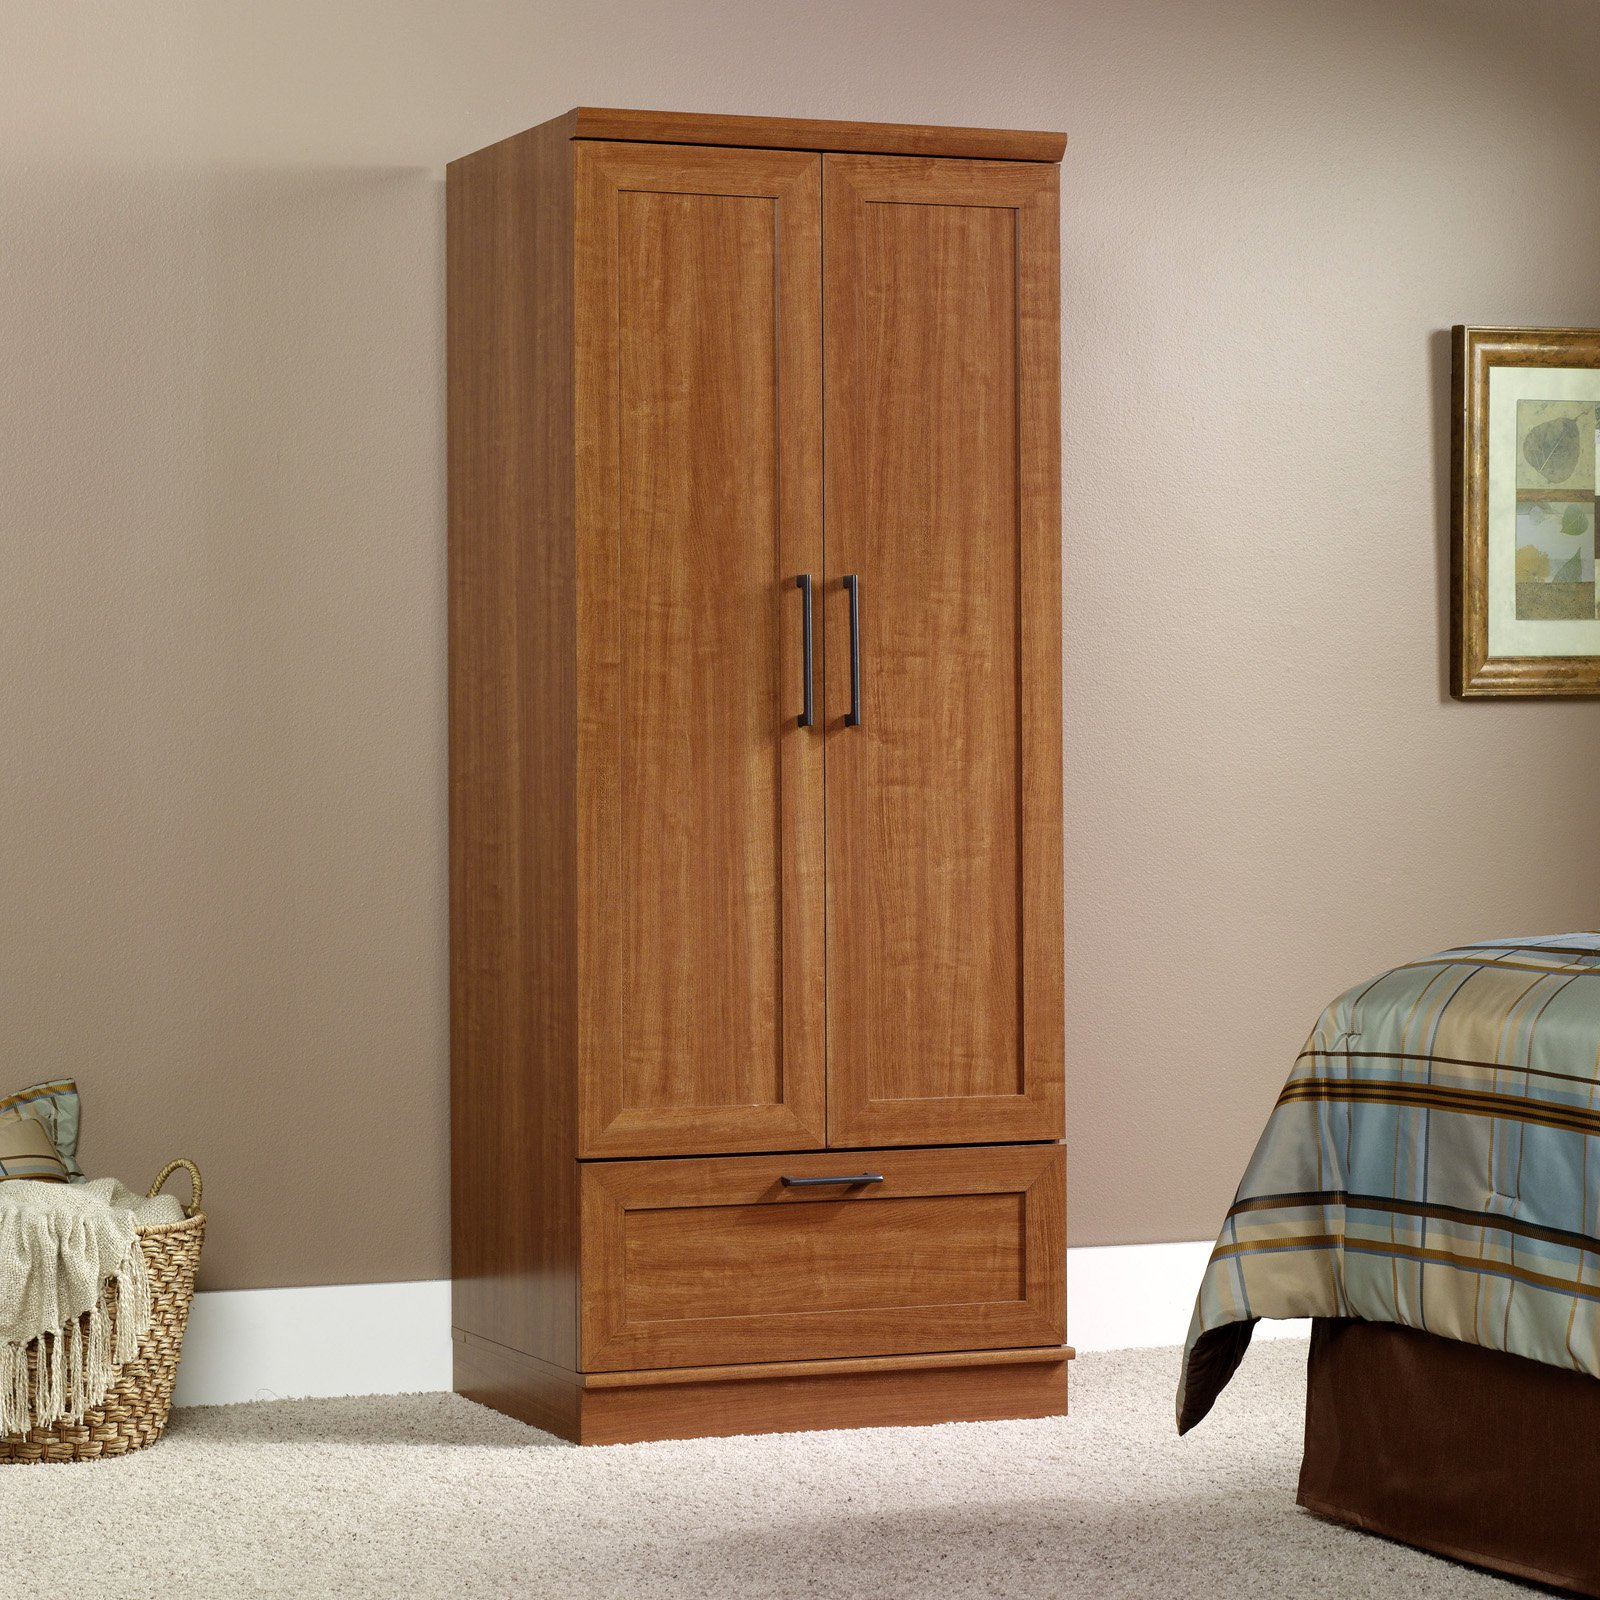 sauder homeplus wardrobe storage cabinet sienna oak Sauder Homeplus Wardrobe/Storage Cabinet, Sienna Oak Finish  sauder homeplus wardrobe storage cabinet sienna oak